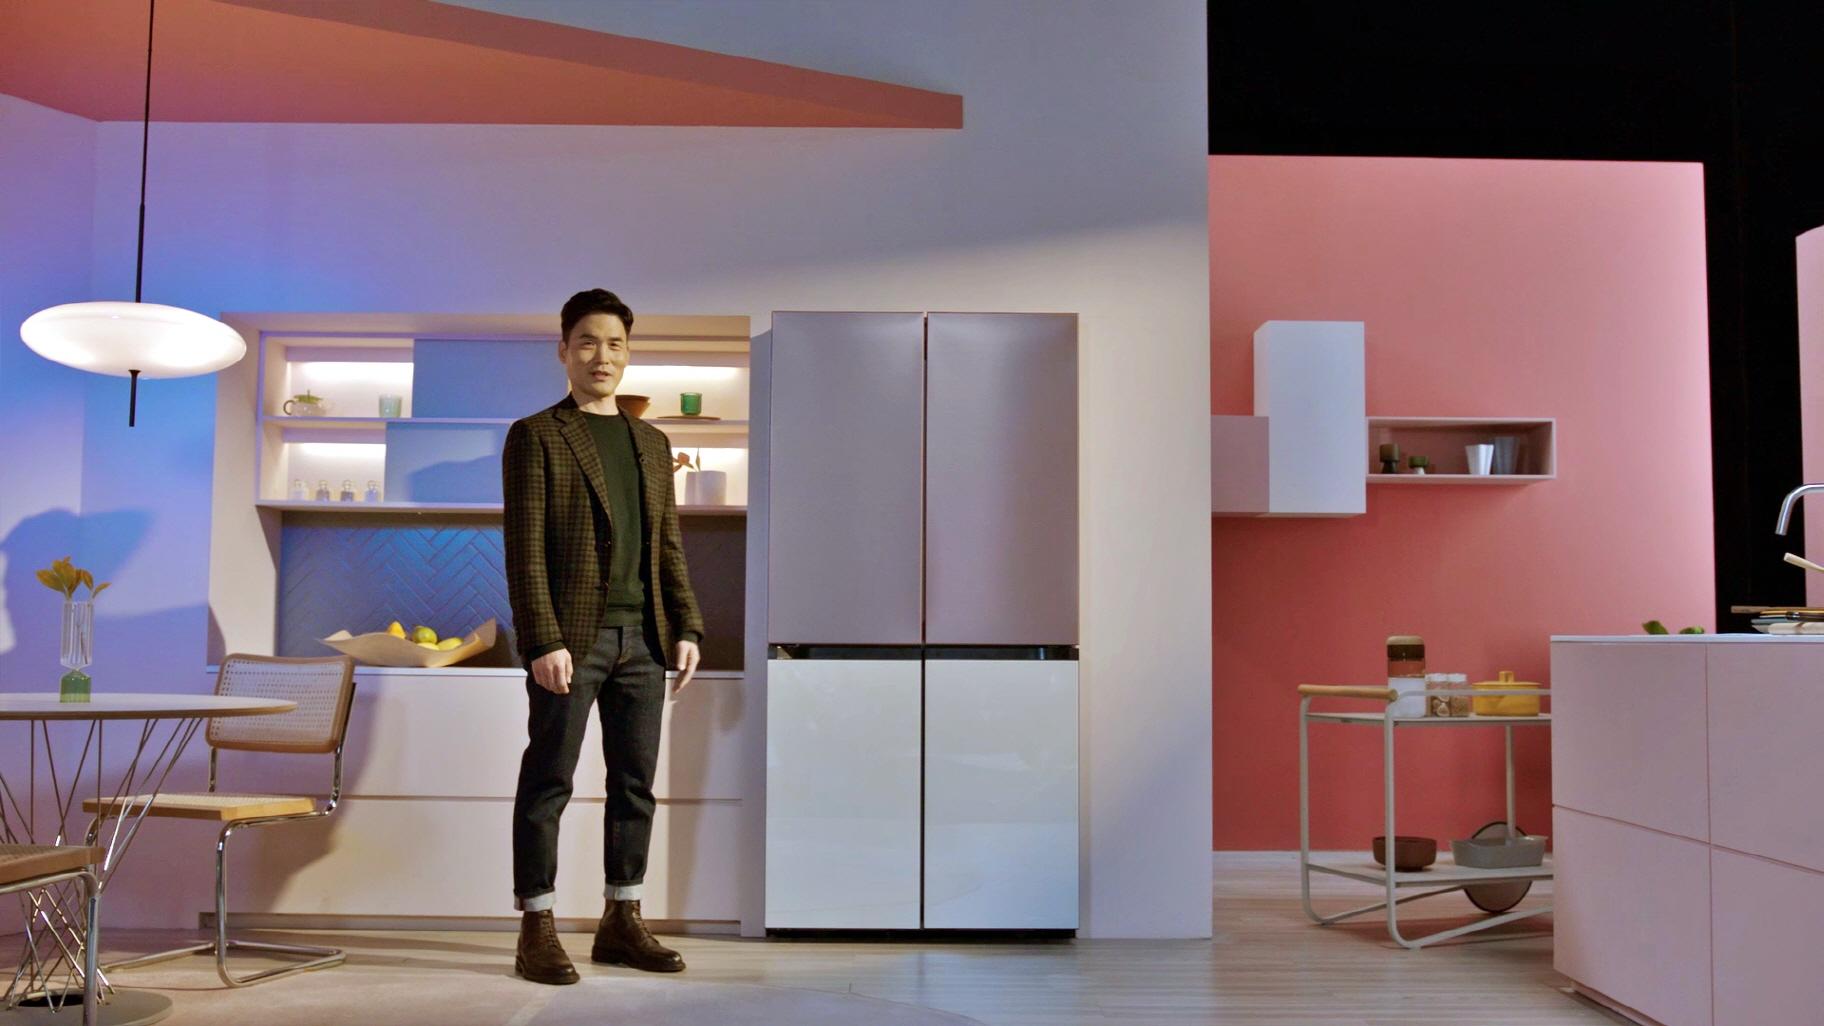 Samsung en CES 2021 presentó su refrigerador Bespoke con 4 puertas flexibles y personalizables.